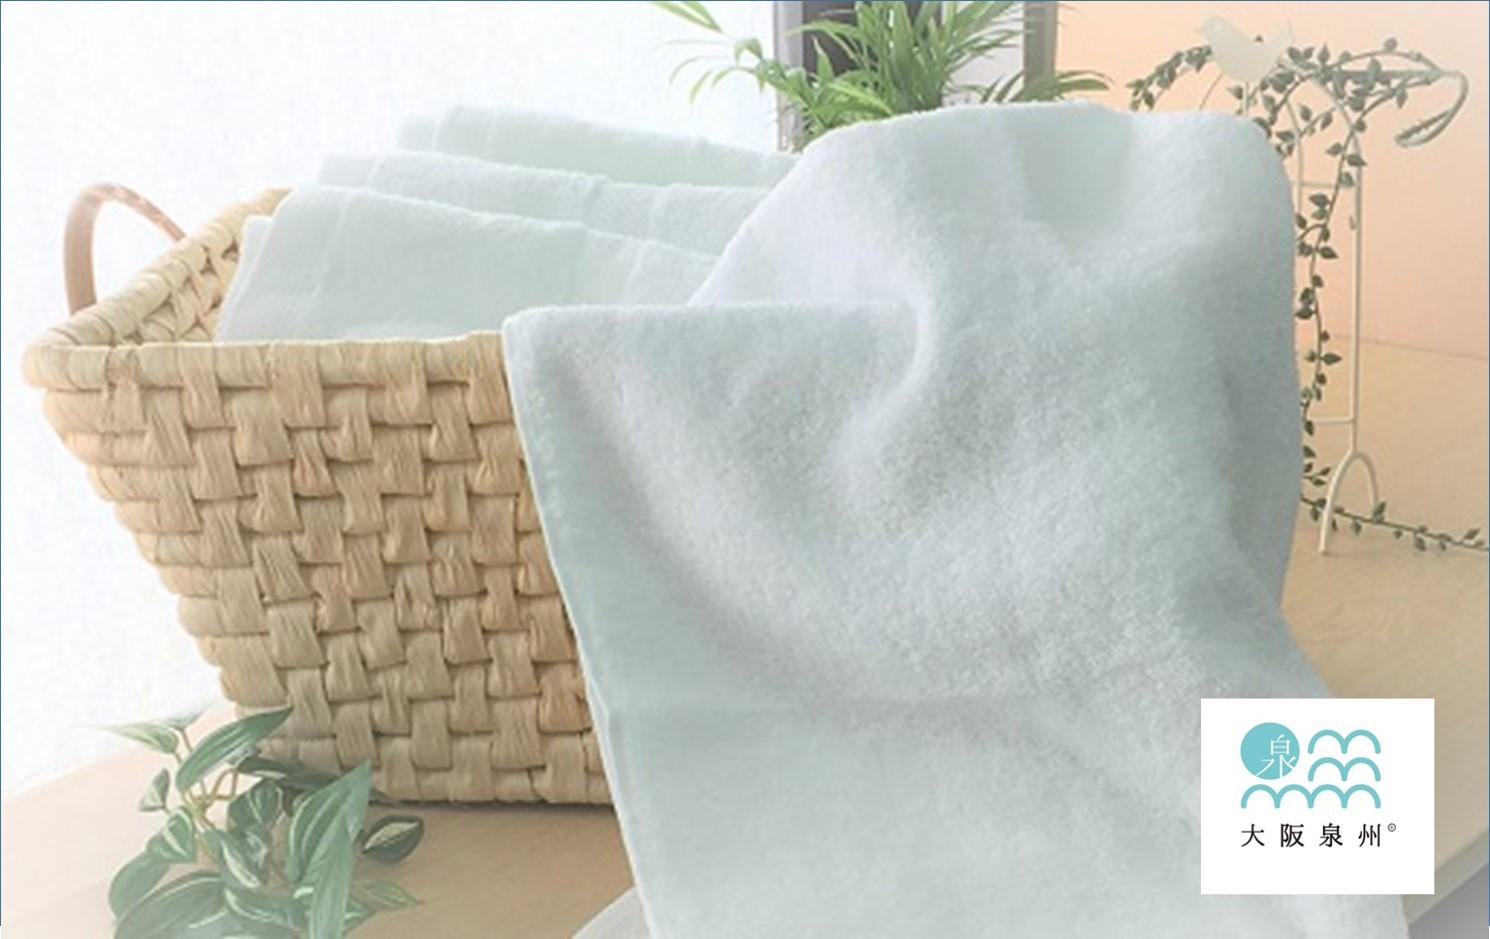 B0055.【大阪泉州タオル】白いバスタオル4枚セット タオルおすすめ